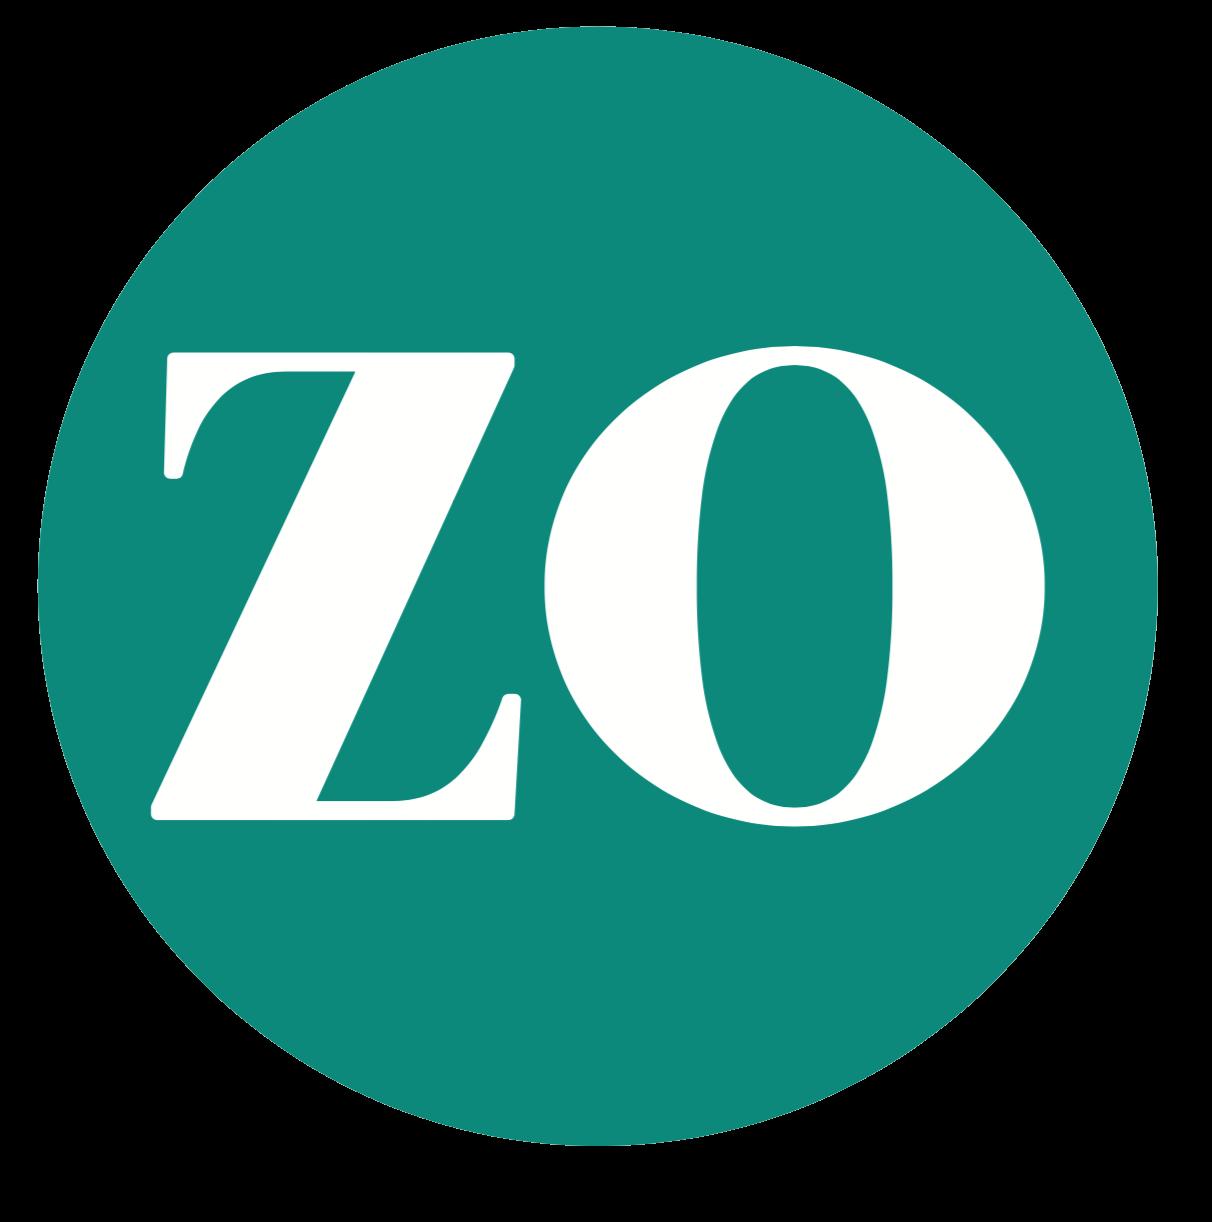 ZO-Opvoeden